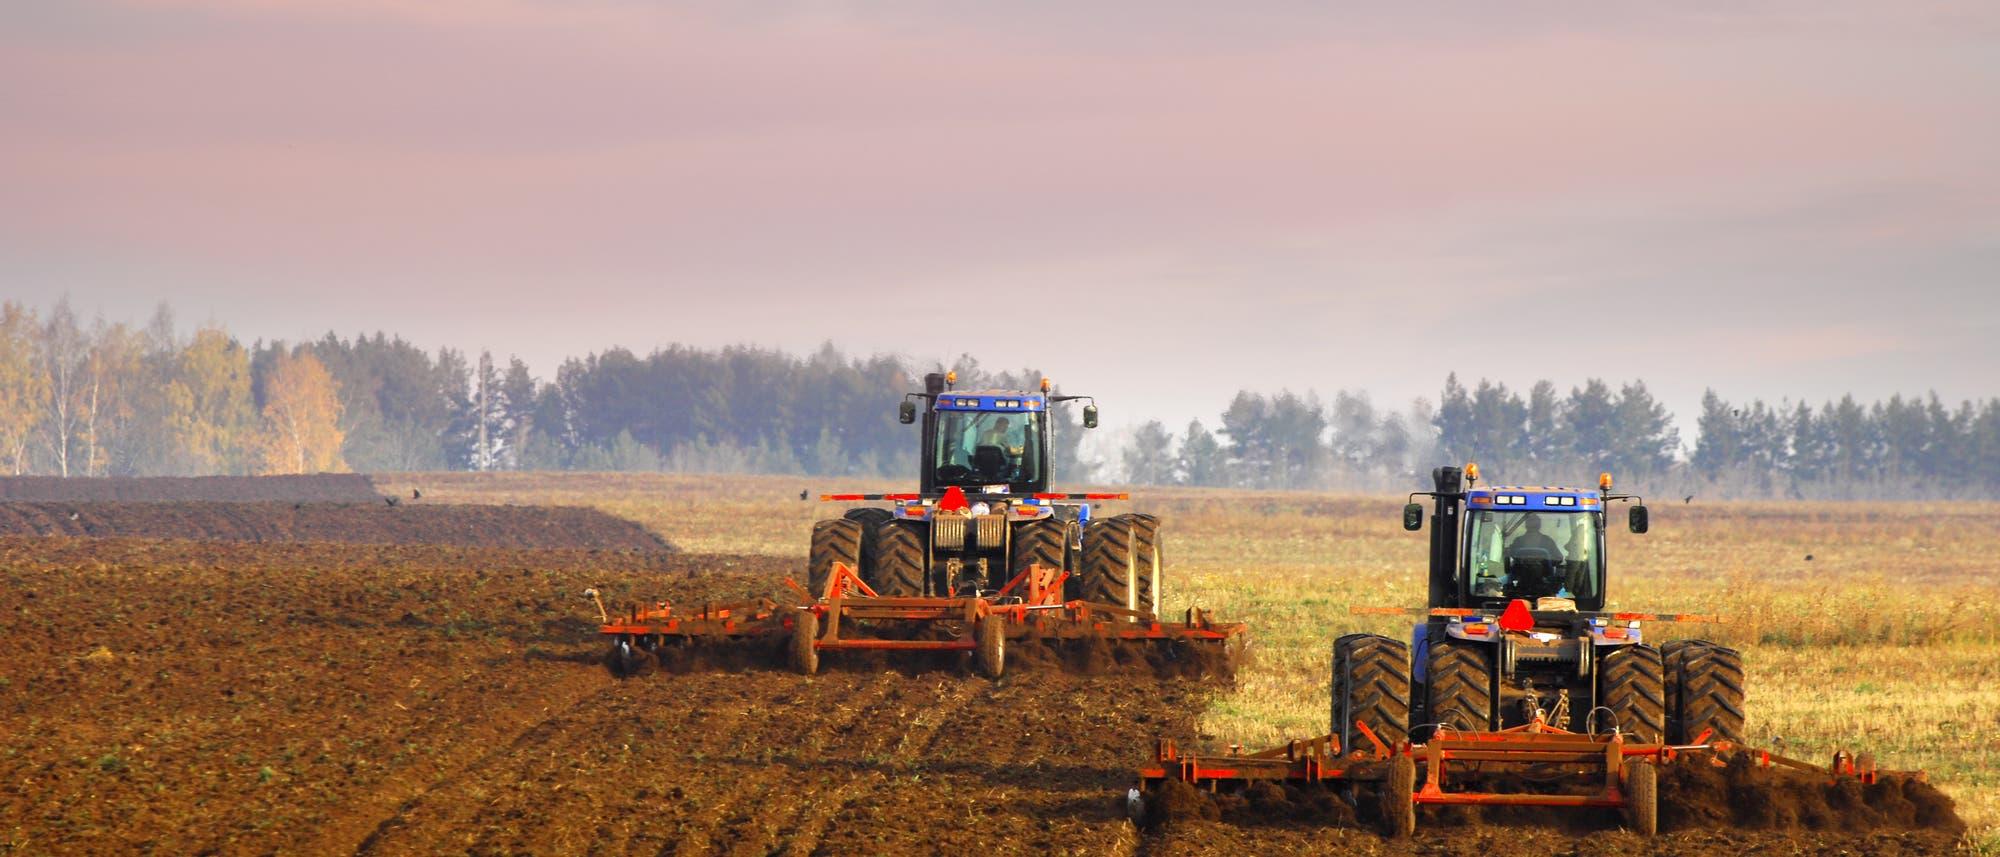 Traktoren eggen einen Acker